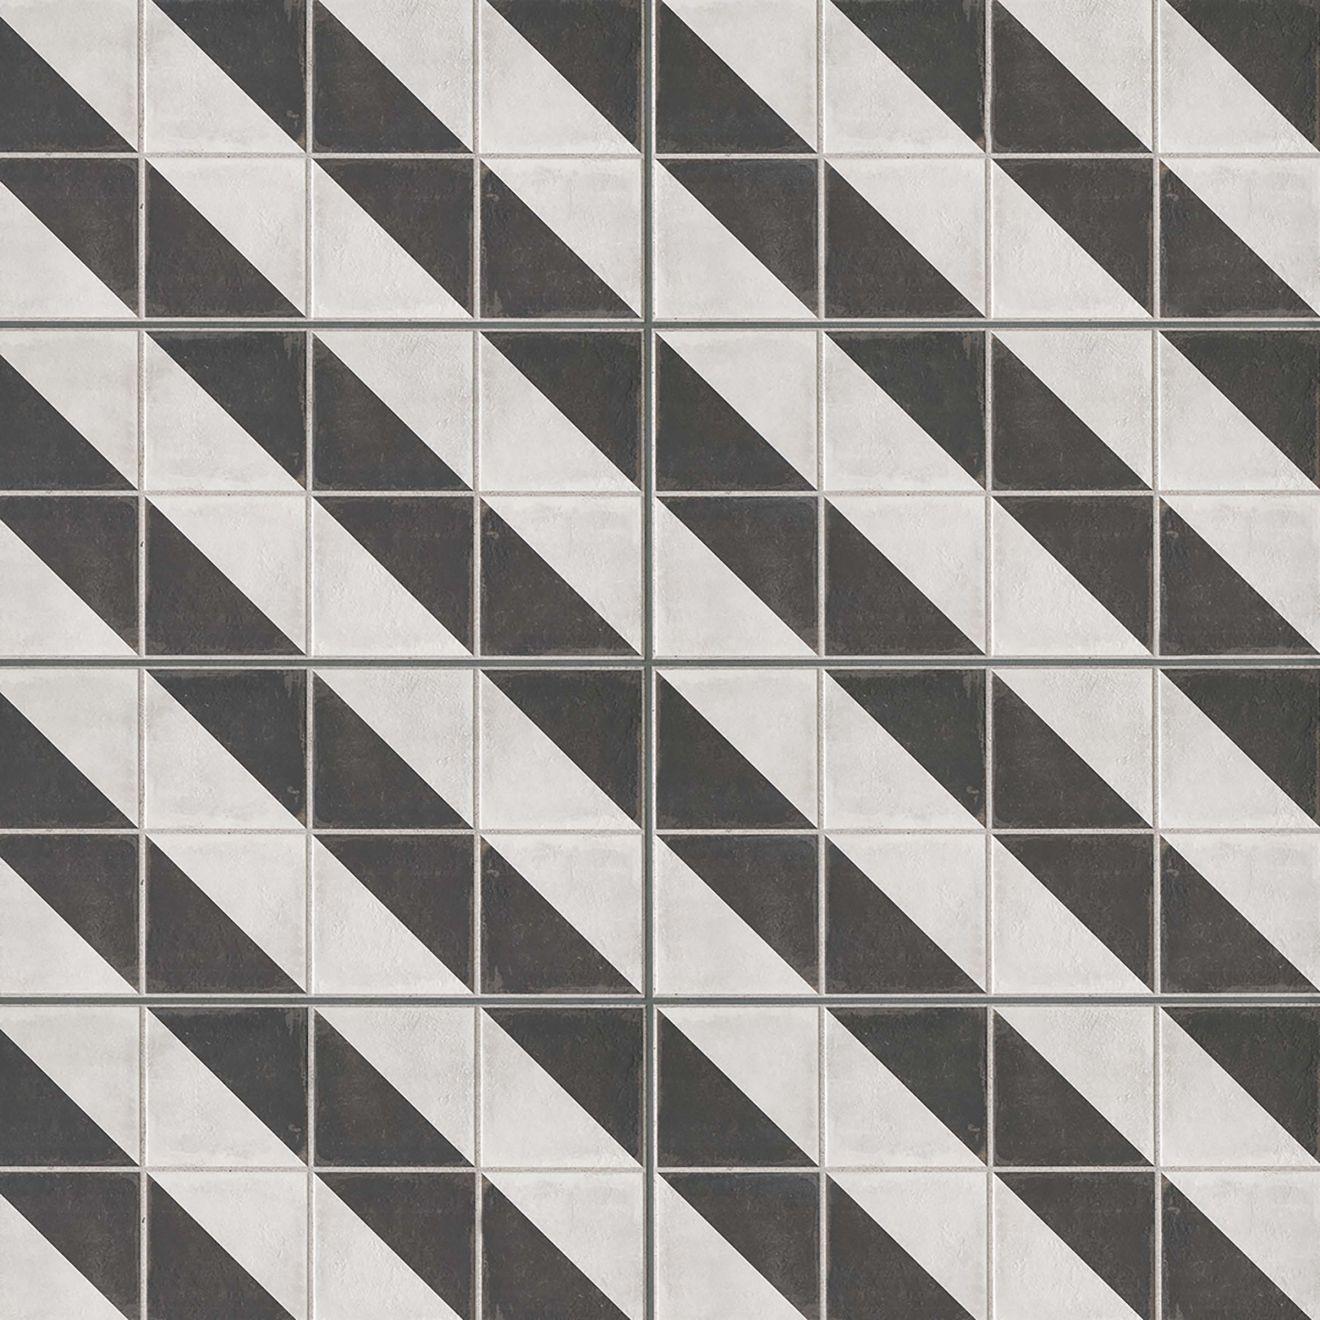 Palazzo 12.00 x 24.00 Decorative Tile in Castle Graphite Villa